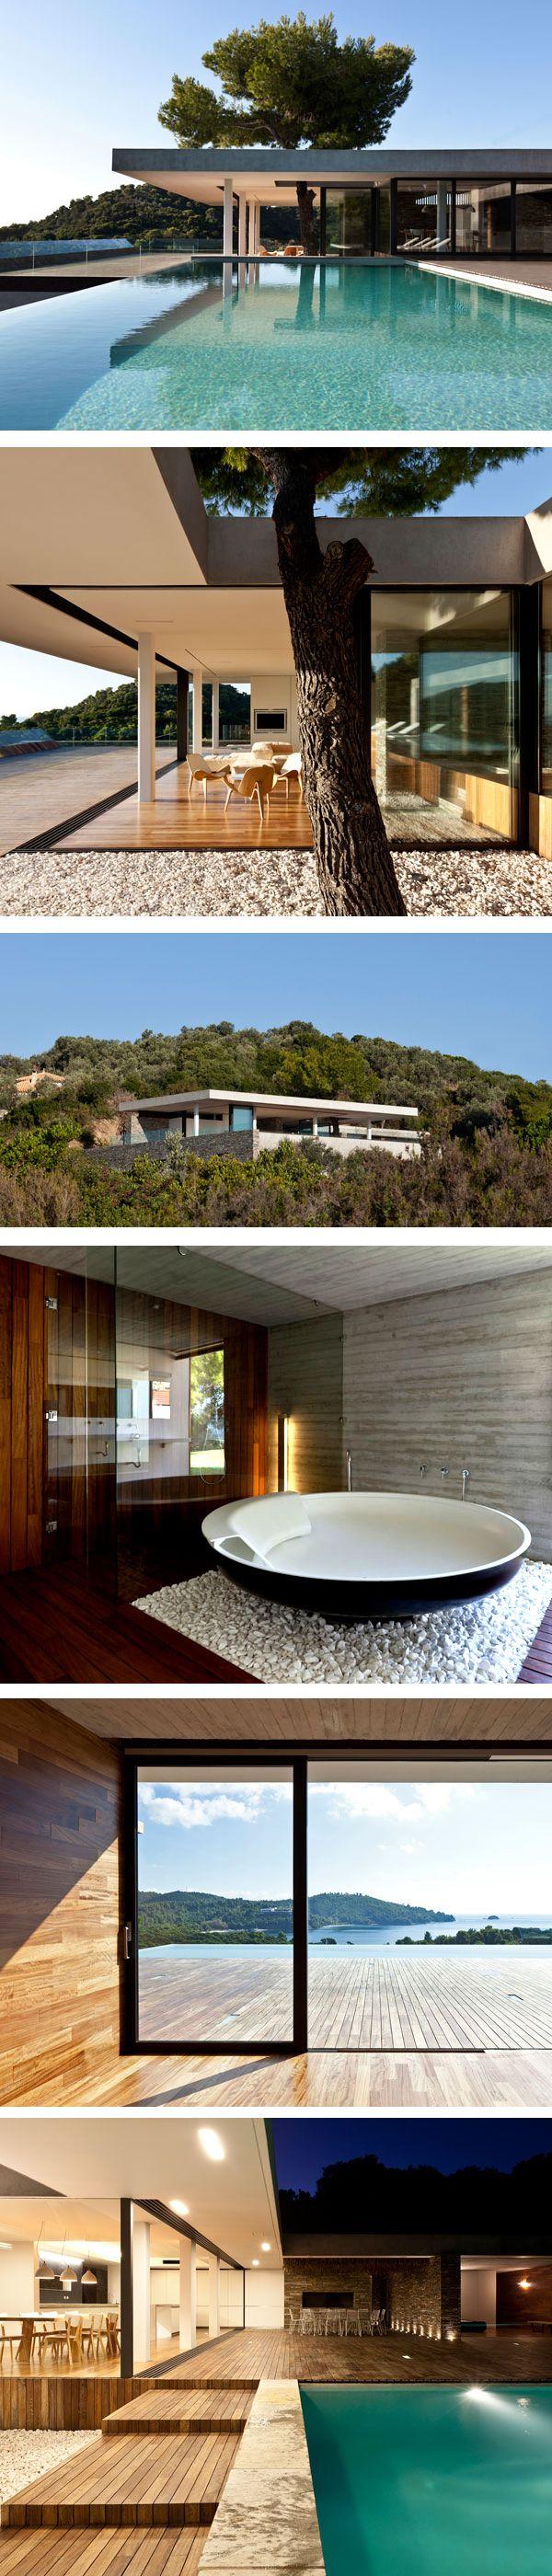 architektur modern skurril extravagant architektur wohnzimmer pinterest architektur. Black Bedroom Furniture Sets. Home Design Ideas